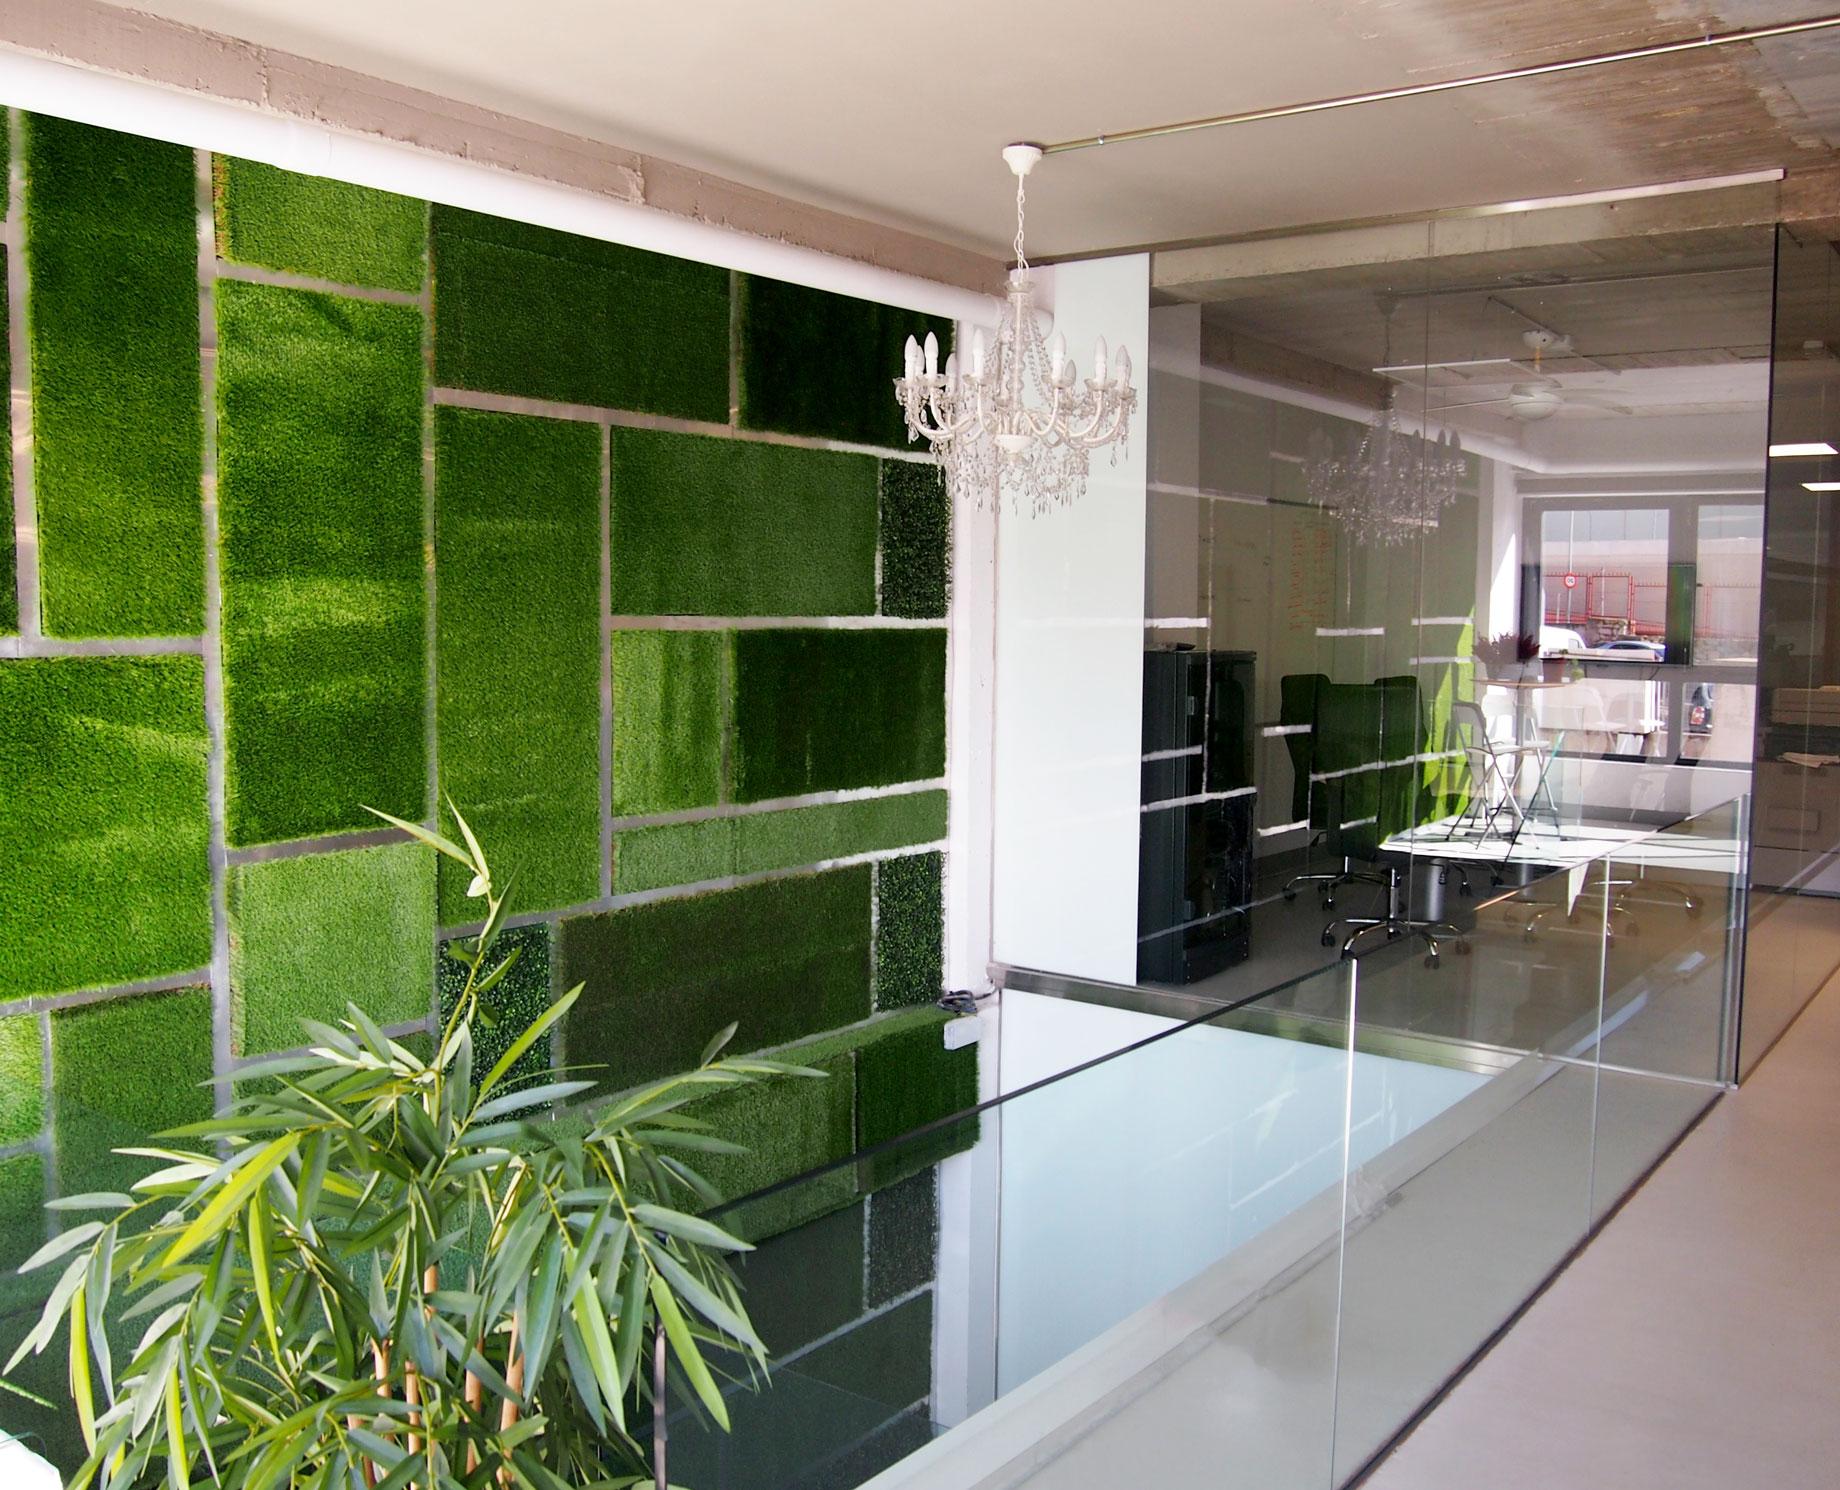 Dise o de oficina proyectos llorente arquitectura interior for Diseno de oficinas arquitectura